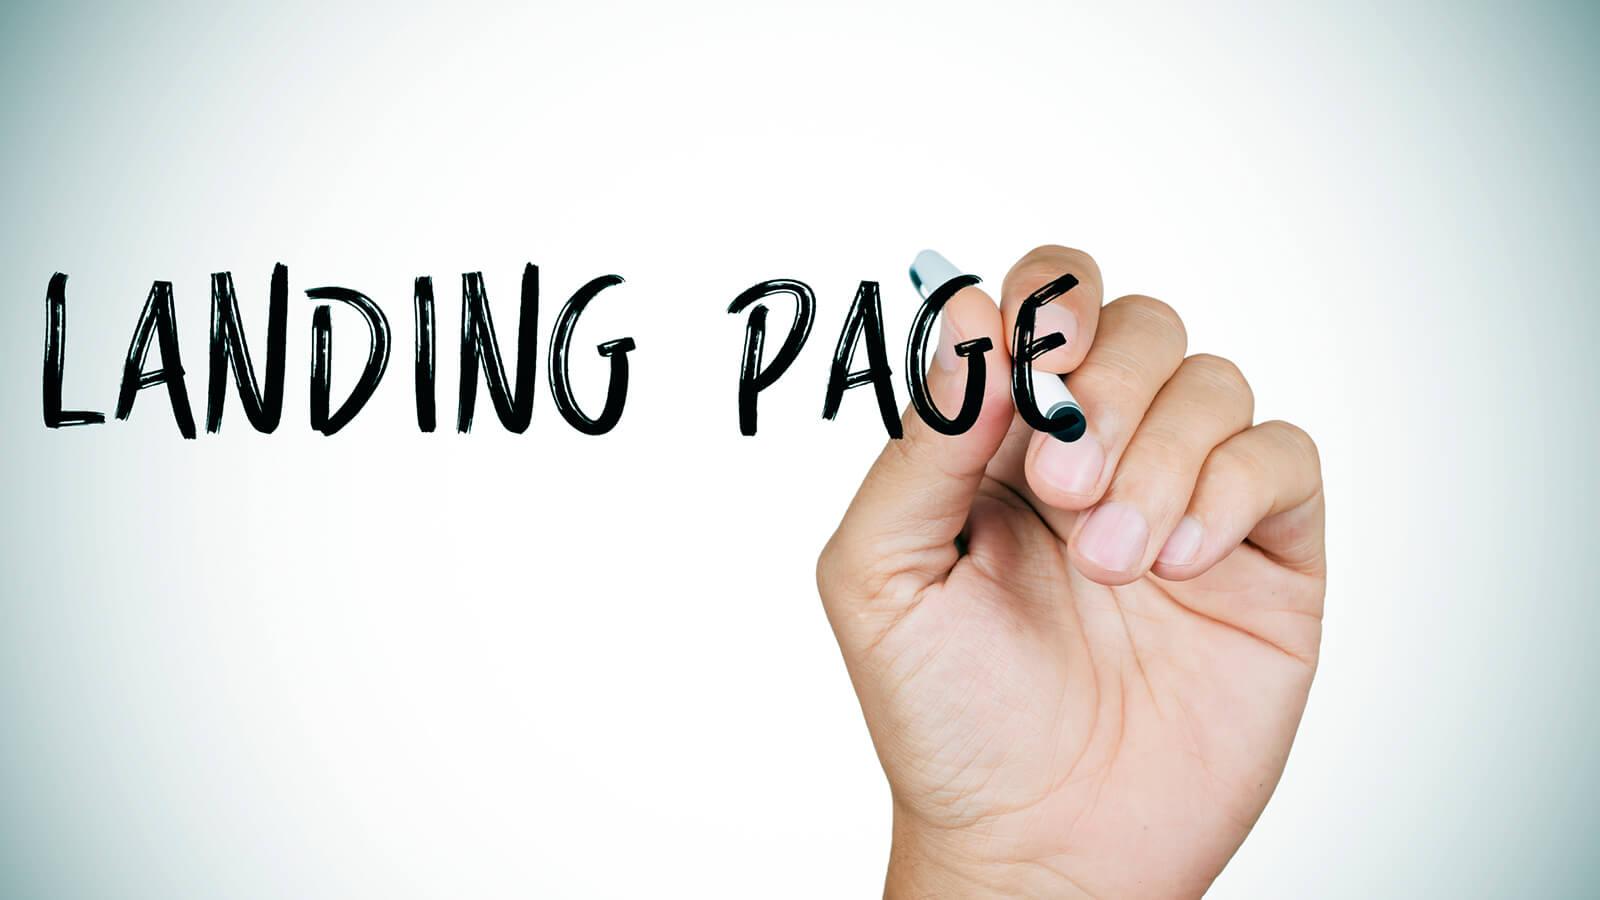 ランディングページ制作の基本|業種別に見る「お客様の心理」と「重要ポイント」